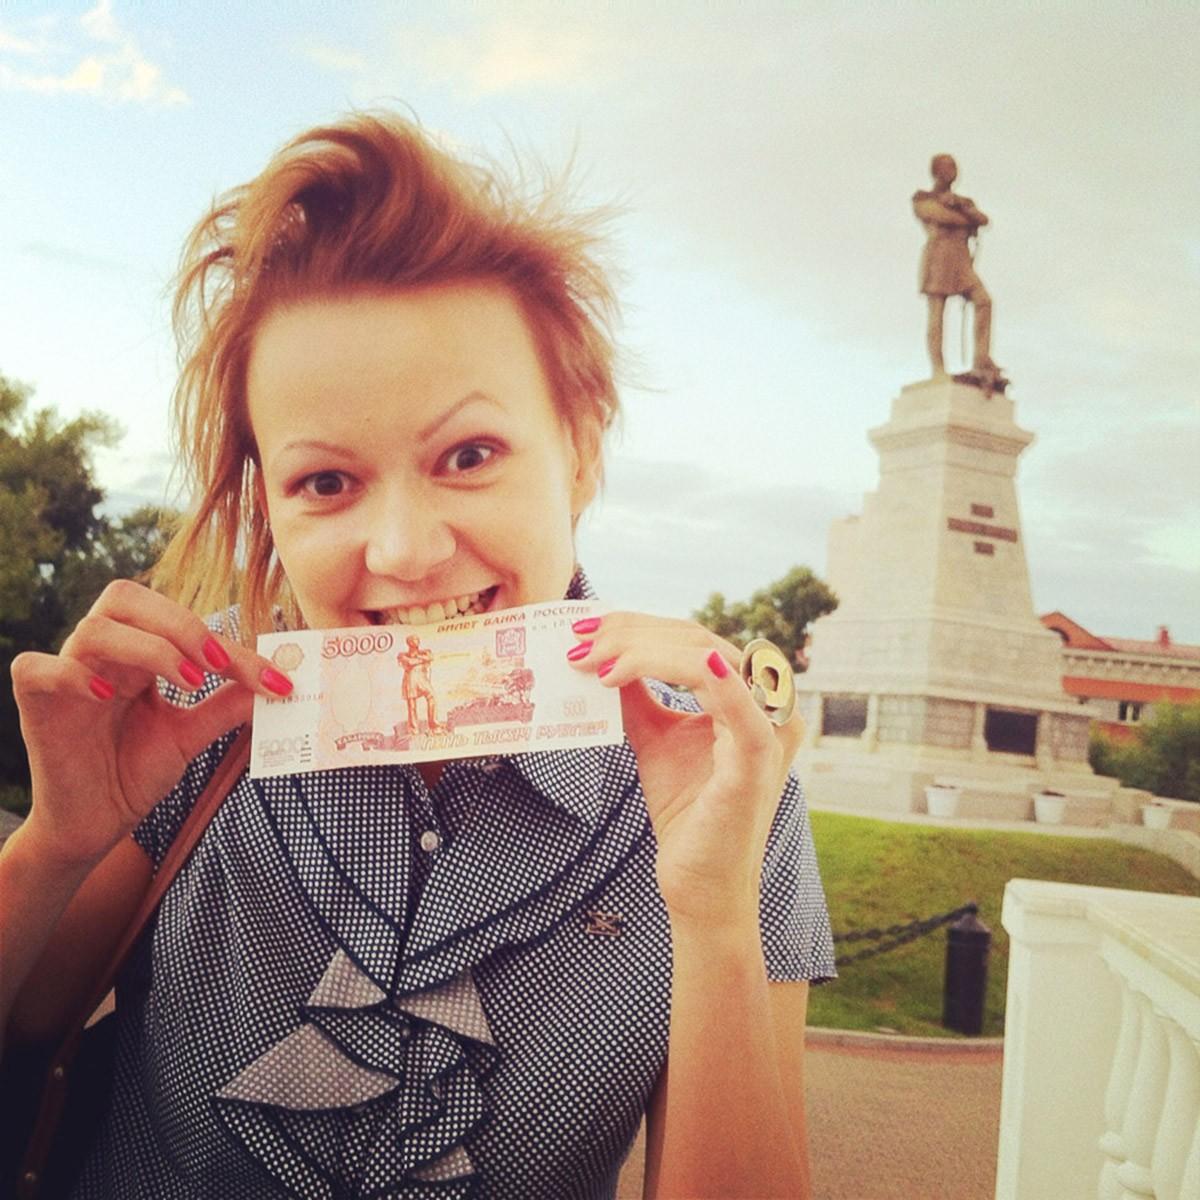 """Многие гости города хотят сфотографироваться """"как на 5000 купюре""""."""